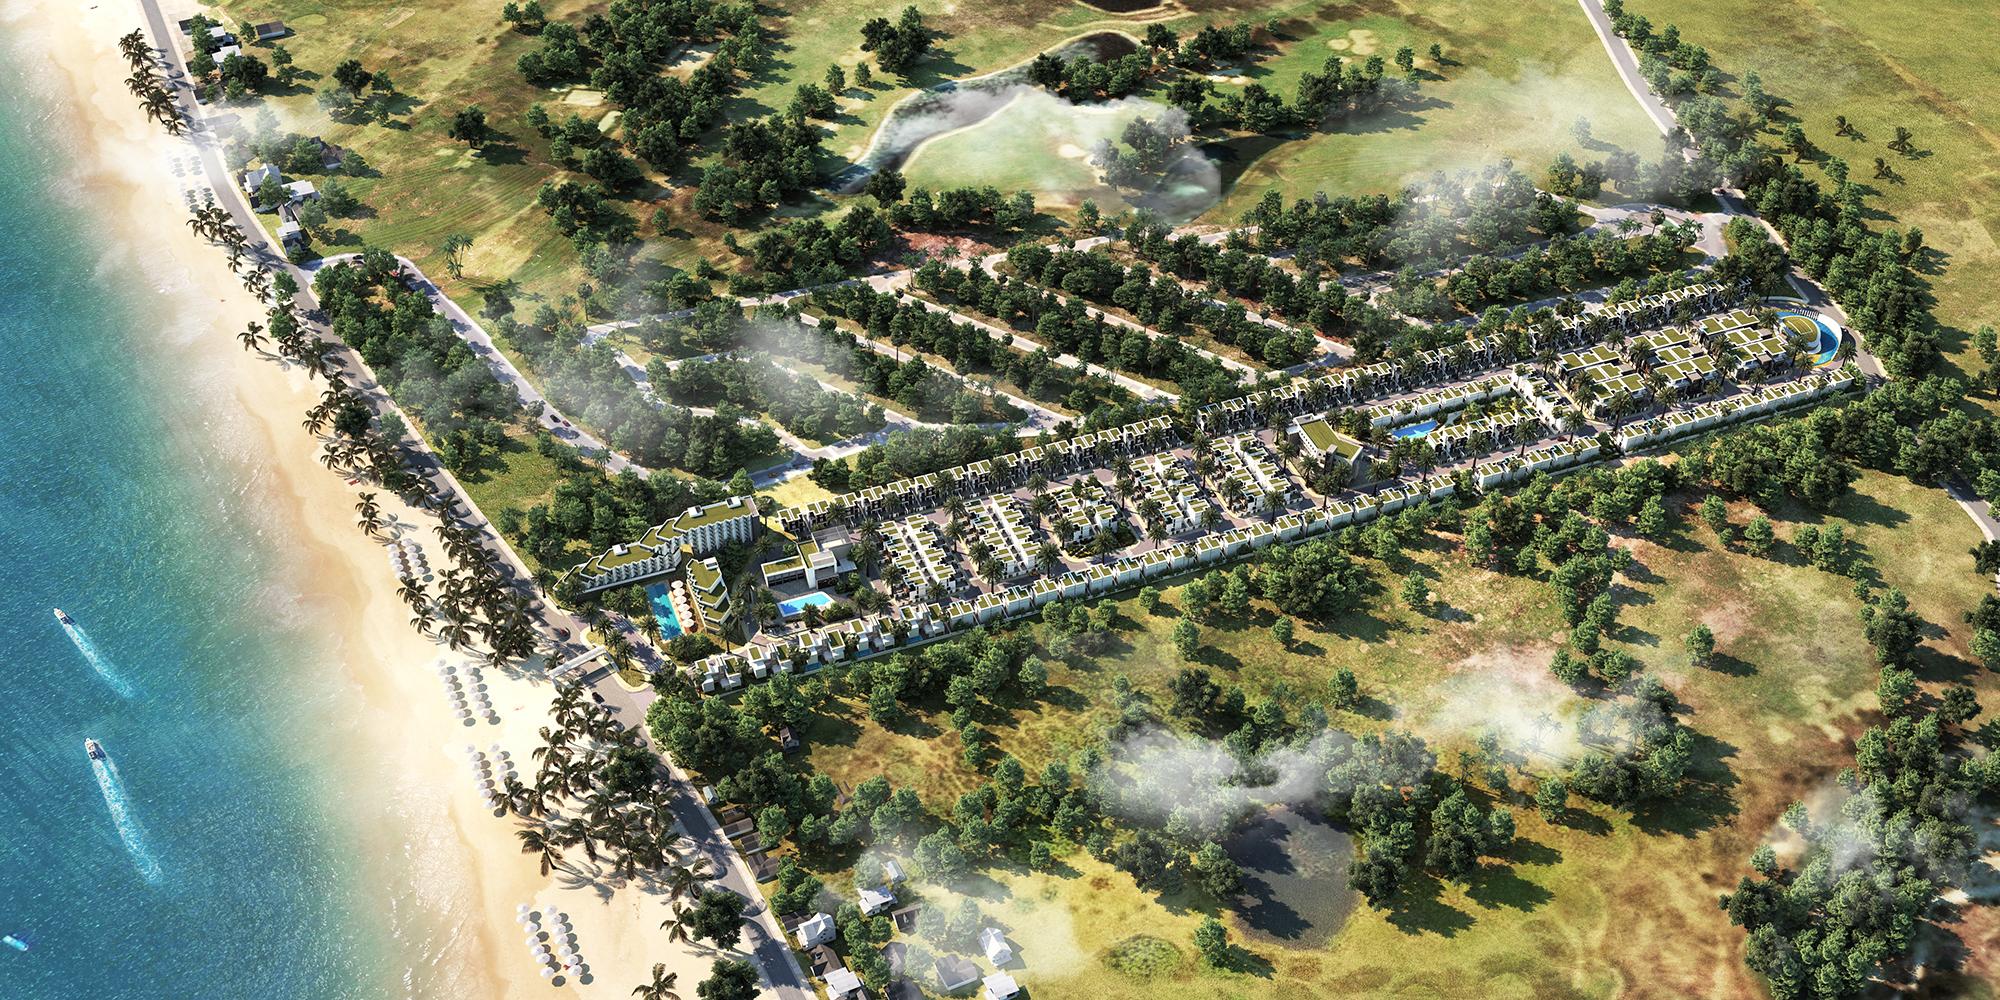 Hình ảnh phối cảnh tổng thể dự án Goldsand Hill Villa - Mũi Né, Phan Thiết.